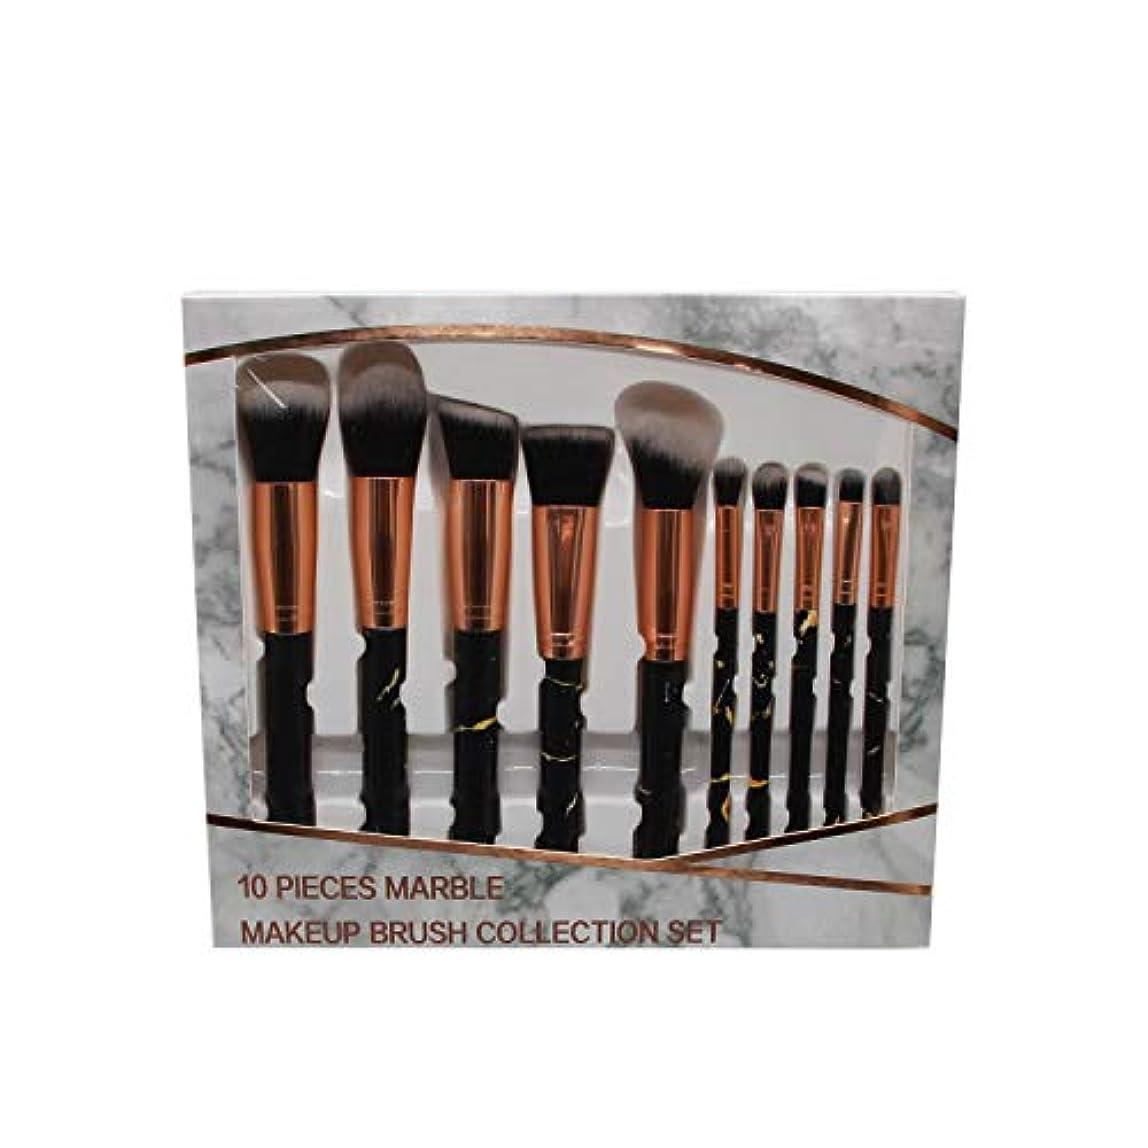 なんでも補正石化するMakeup brushes 洗練された合成ファンデーションコンシーラーアイシャドウフェイシャルメイクアップブラシセット(10個)、マーブルメイクアップブラシセット suits (Color : Pink)